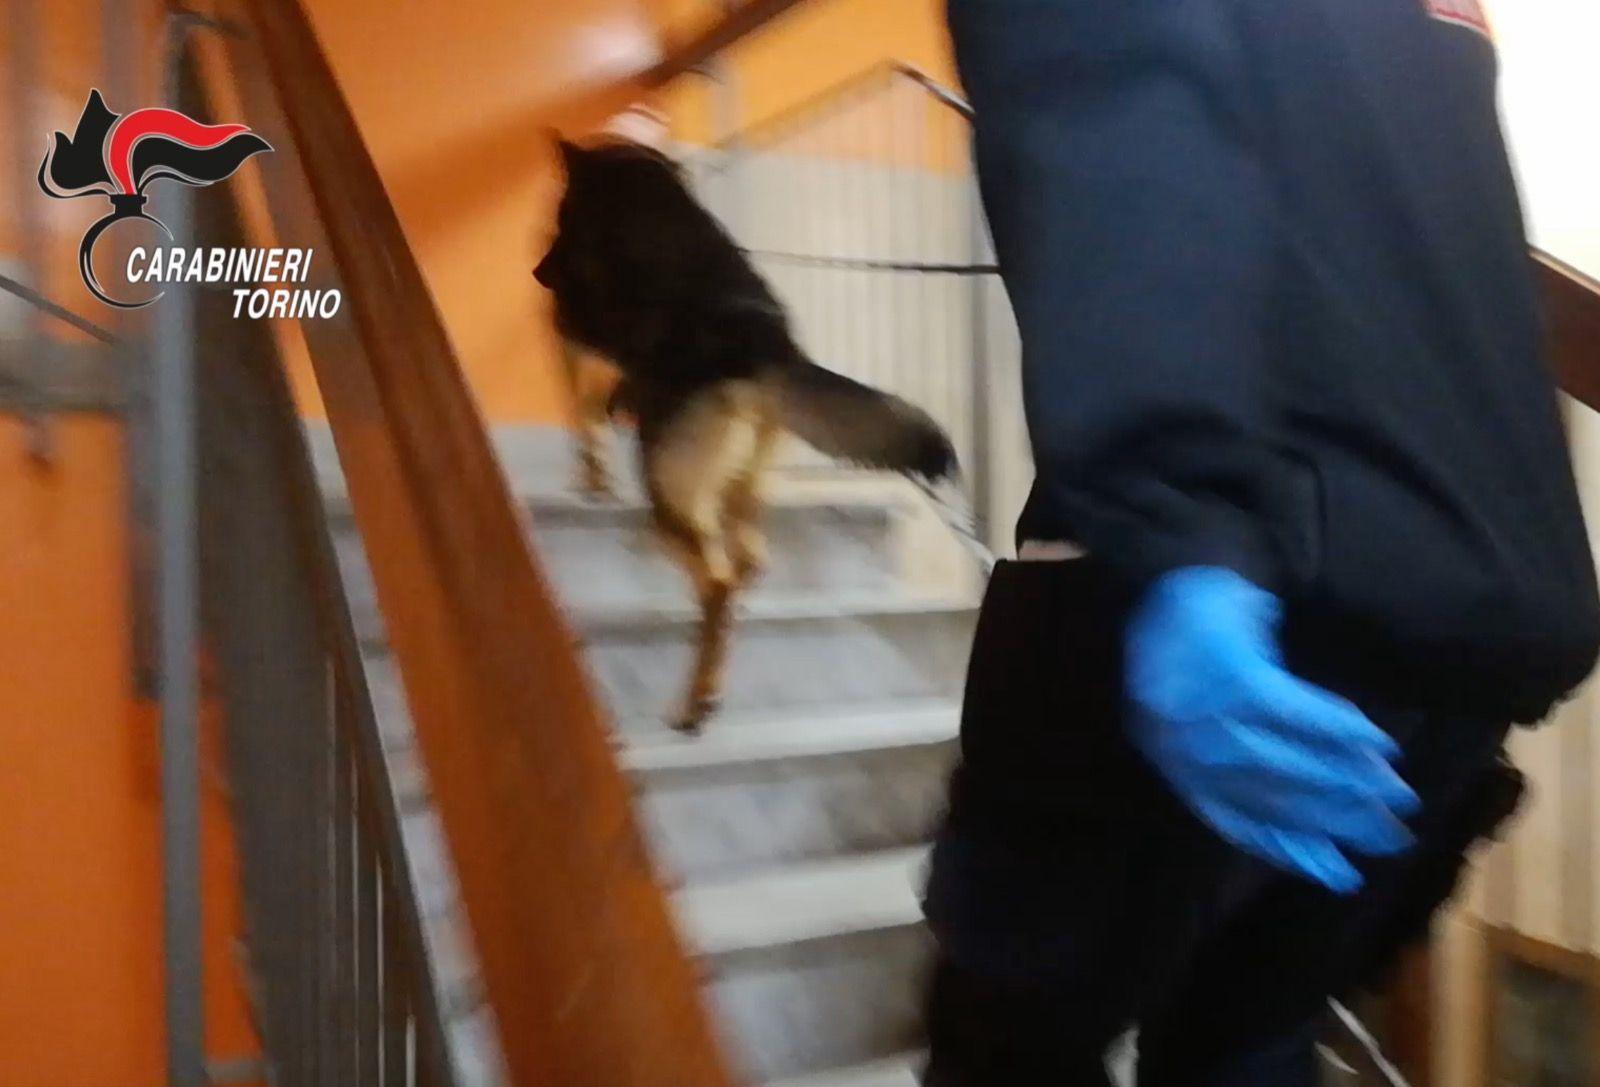 CRONACA - Chili di droga in arrivo a Torino dalla Spagna: sei arresti - VIDEO